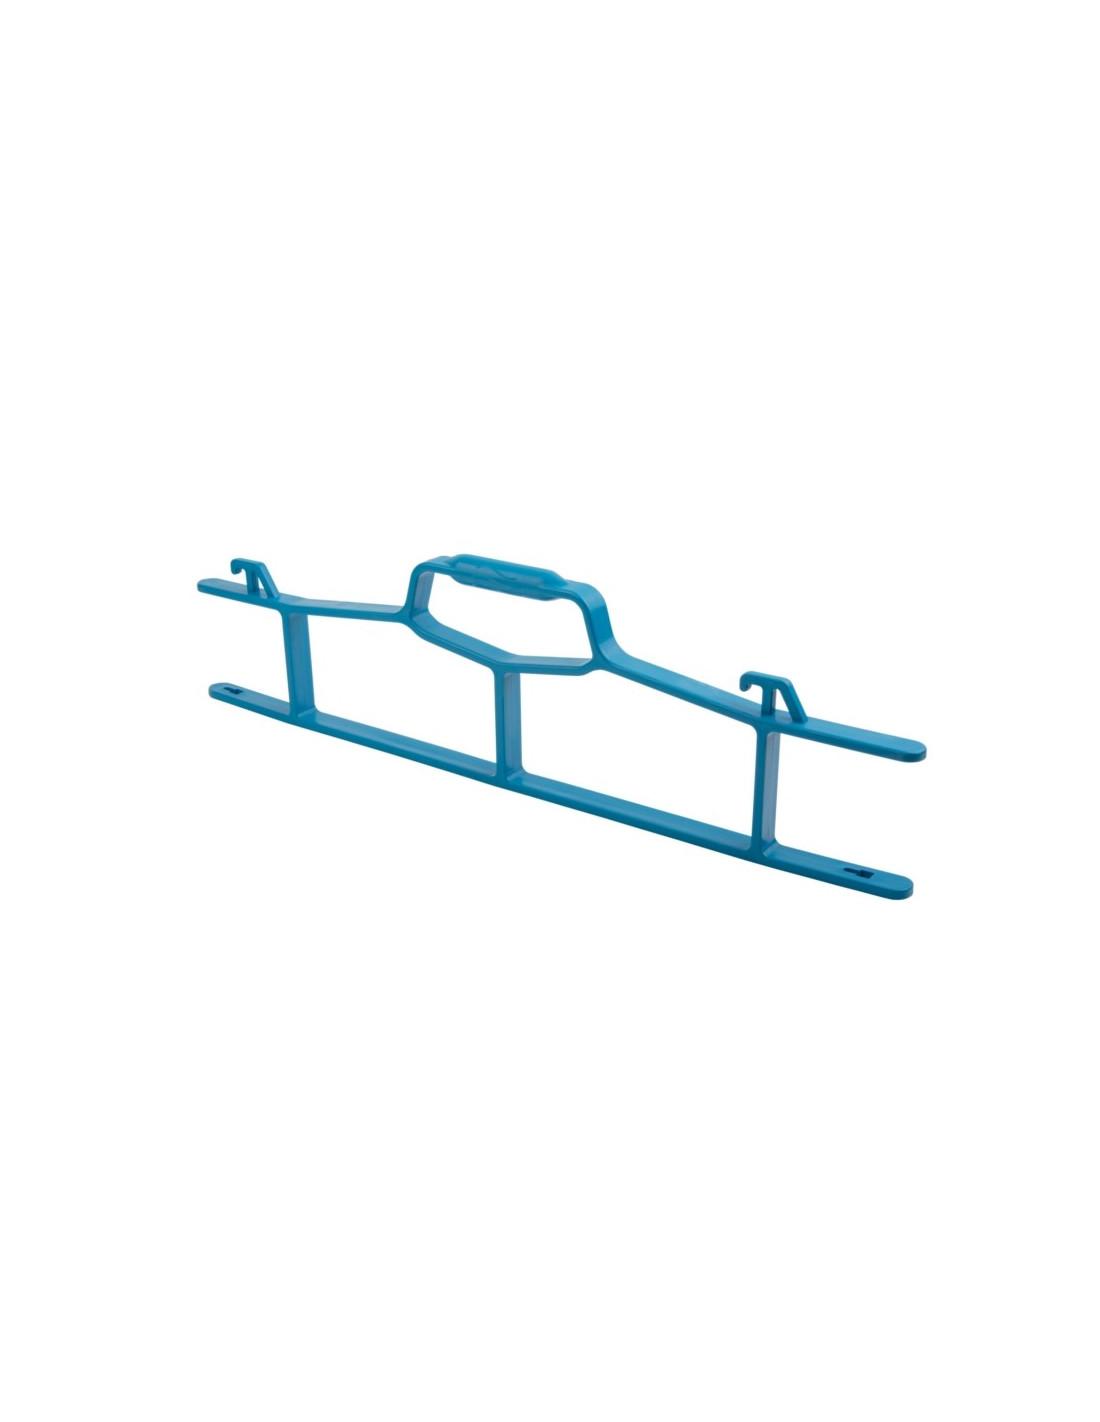 electraline support de rangement pour c ble hyper brico. Black Bedroom Furniture Sets. Home Design Ideas